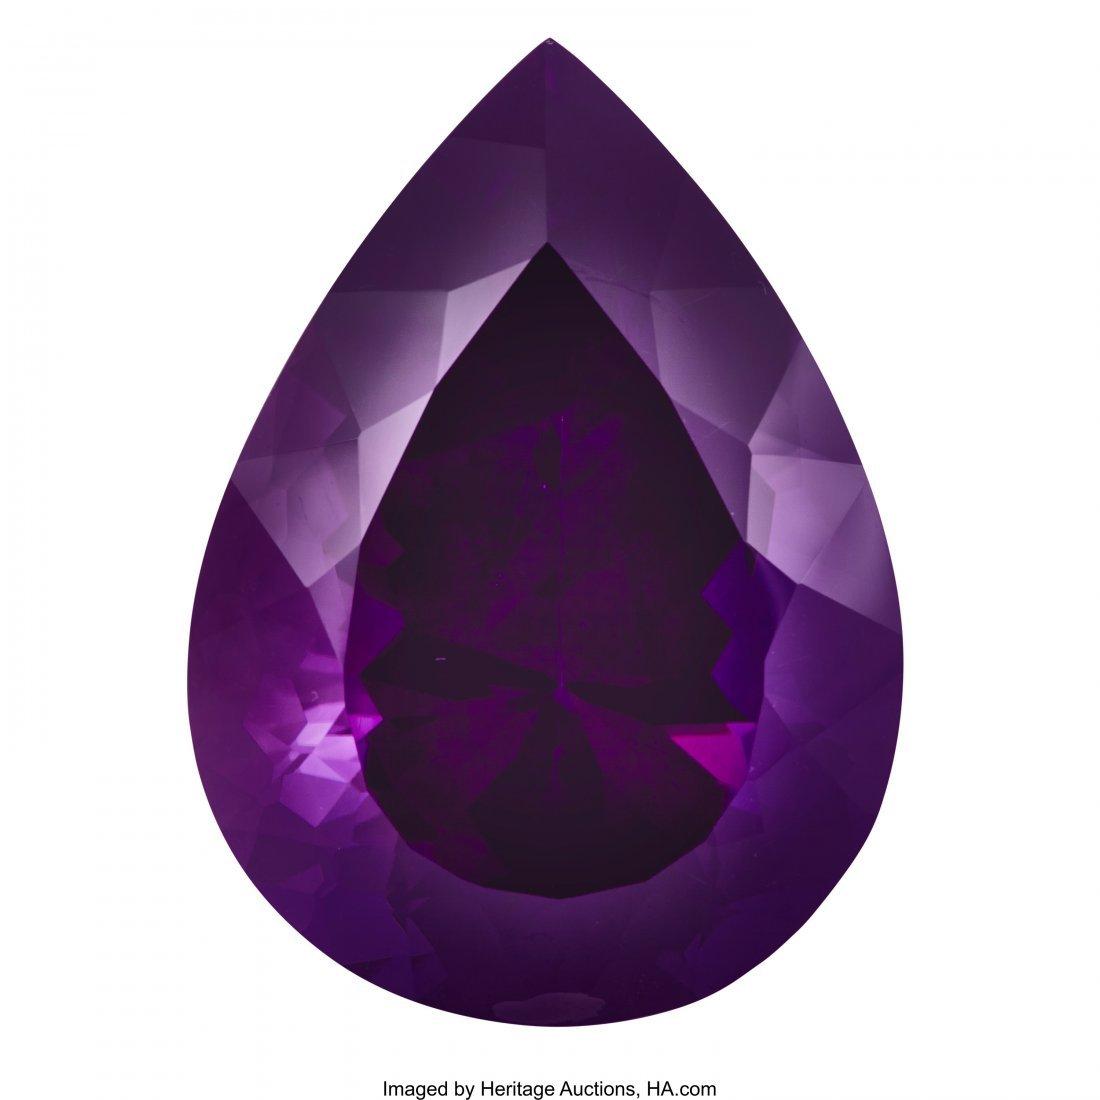 72056: Gemstone: Amethyst - 259.42 Cts. Rwanda   Rwanda